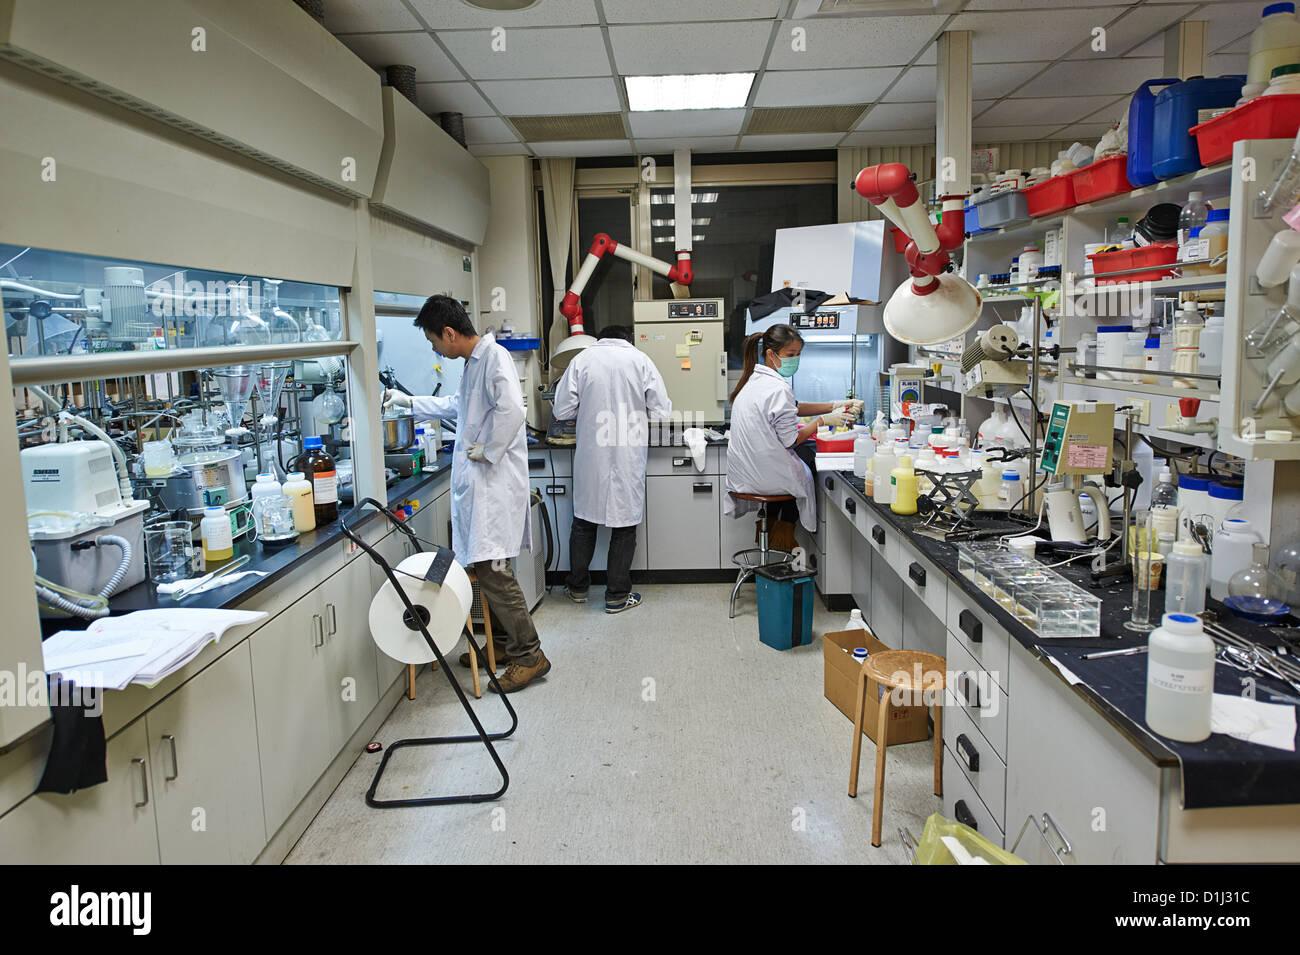 Los trabajadores de laboratorio investigando ingredientes y productos químicos en la industria textil y la Imagen De Stock